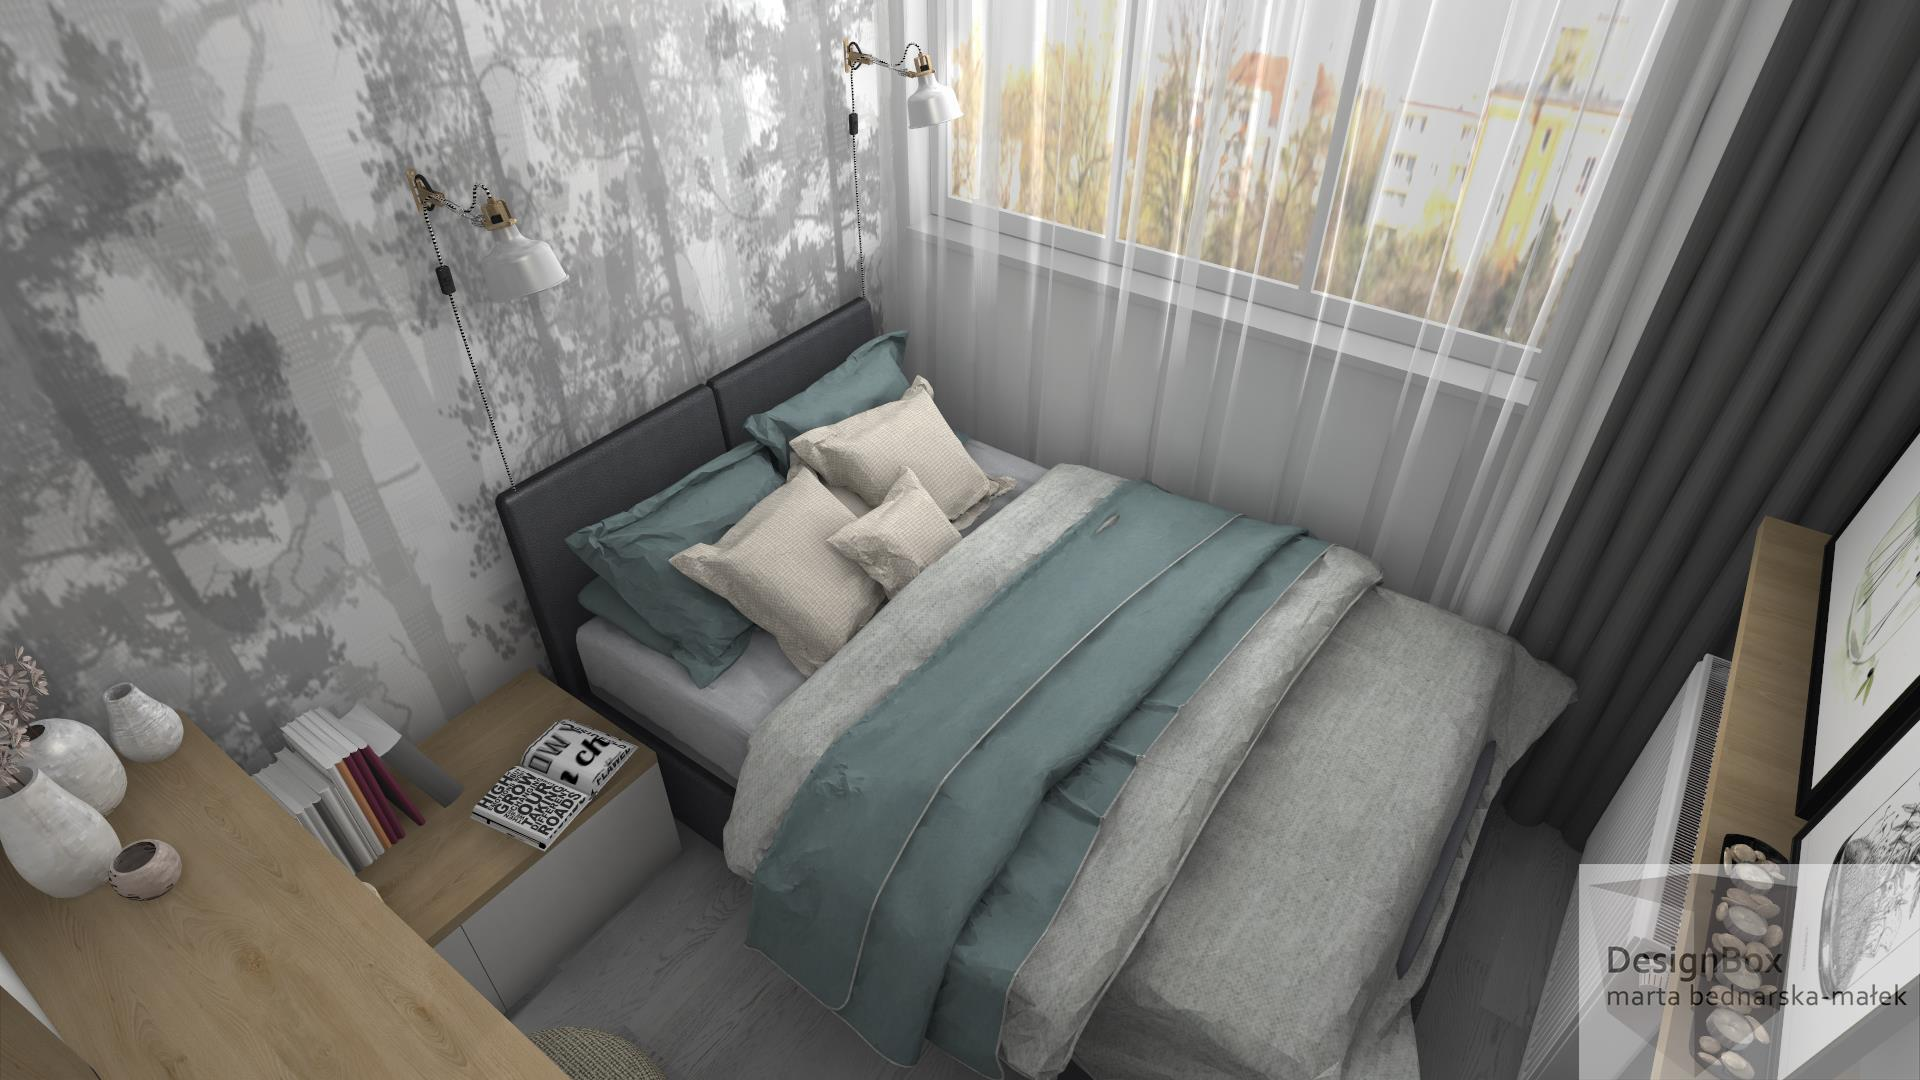 designbox_marta_bednarska_małek_projek__sypialni_projektowanie_wnętrz_lubin_legnica